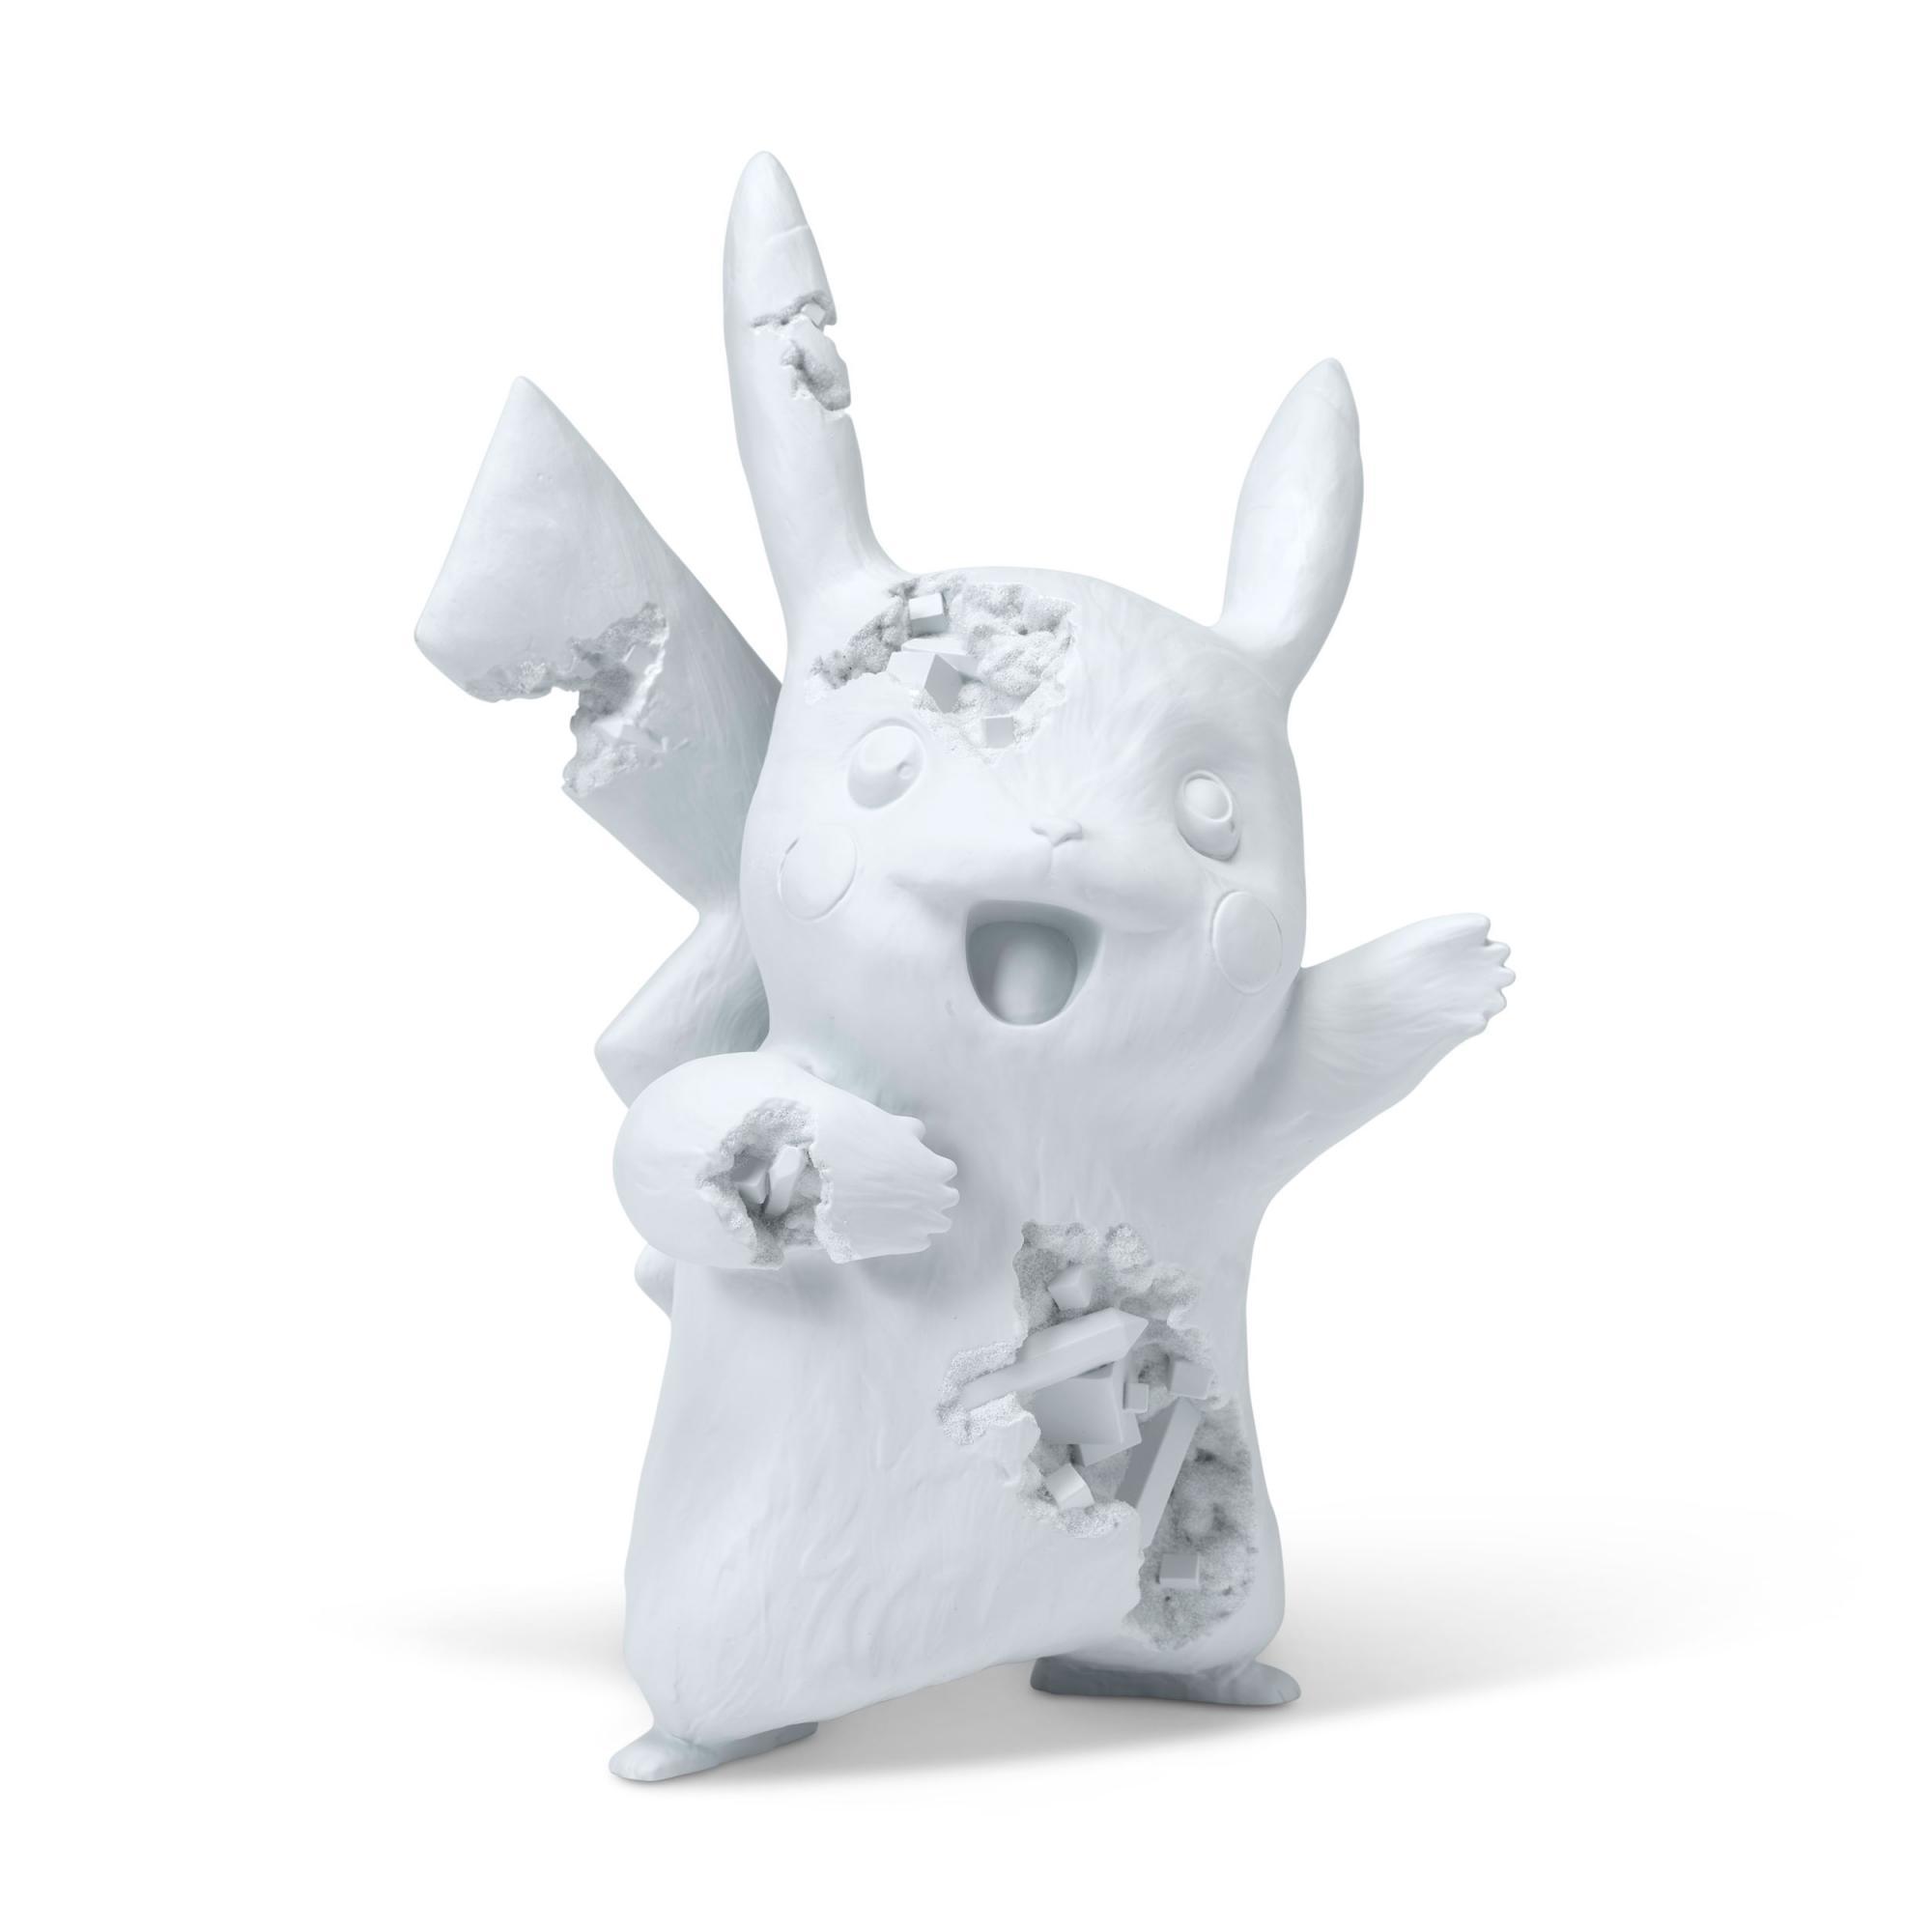 丹尼爾・阿爾軒 (1980年生) X 精靈寶可夢 《Blue Crystalized Pikachu》 淺藍色樹脂 氧化鋁 雕塑 (附原裝包裝盒) 33 (高) x 21.5 x 15 公分 (13 x 8 1/2 x 5 7/8 吋) 2020年作 版數:447/500 估價:港元30,000 – 50,000